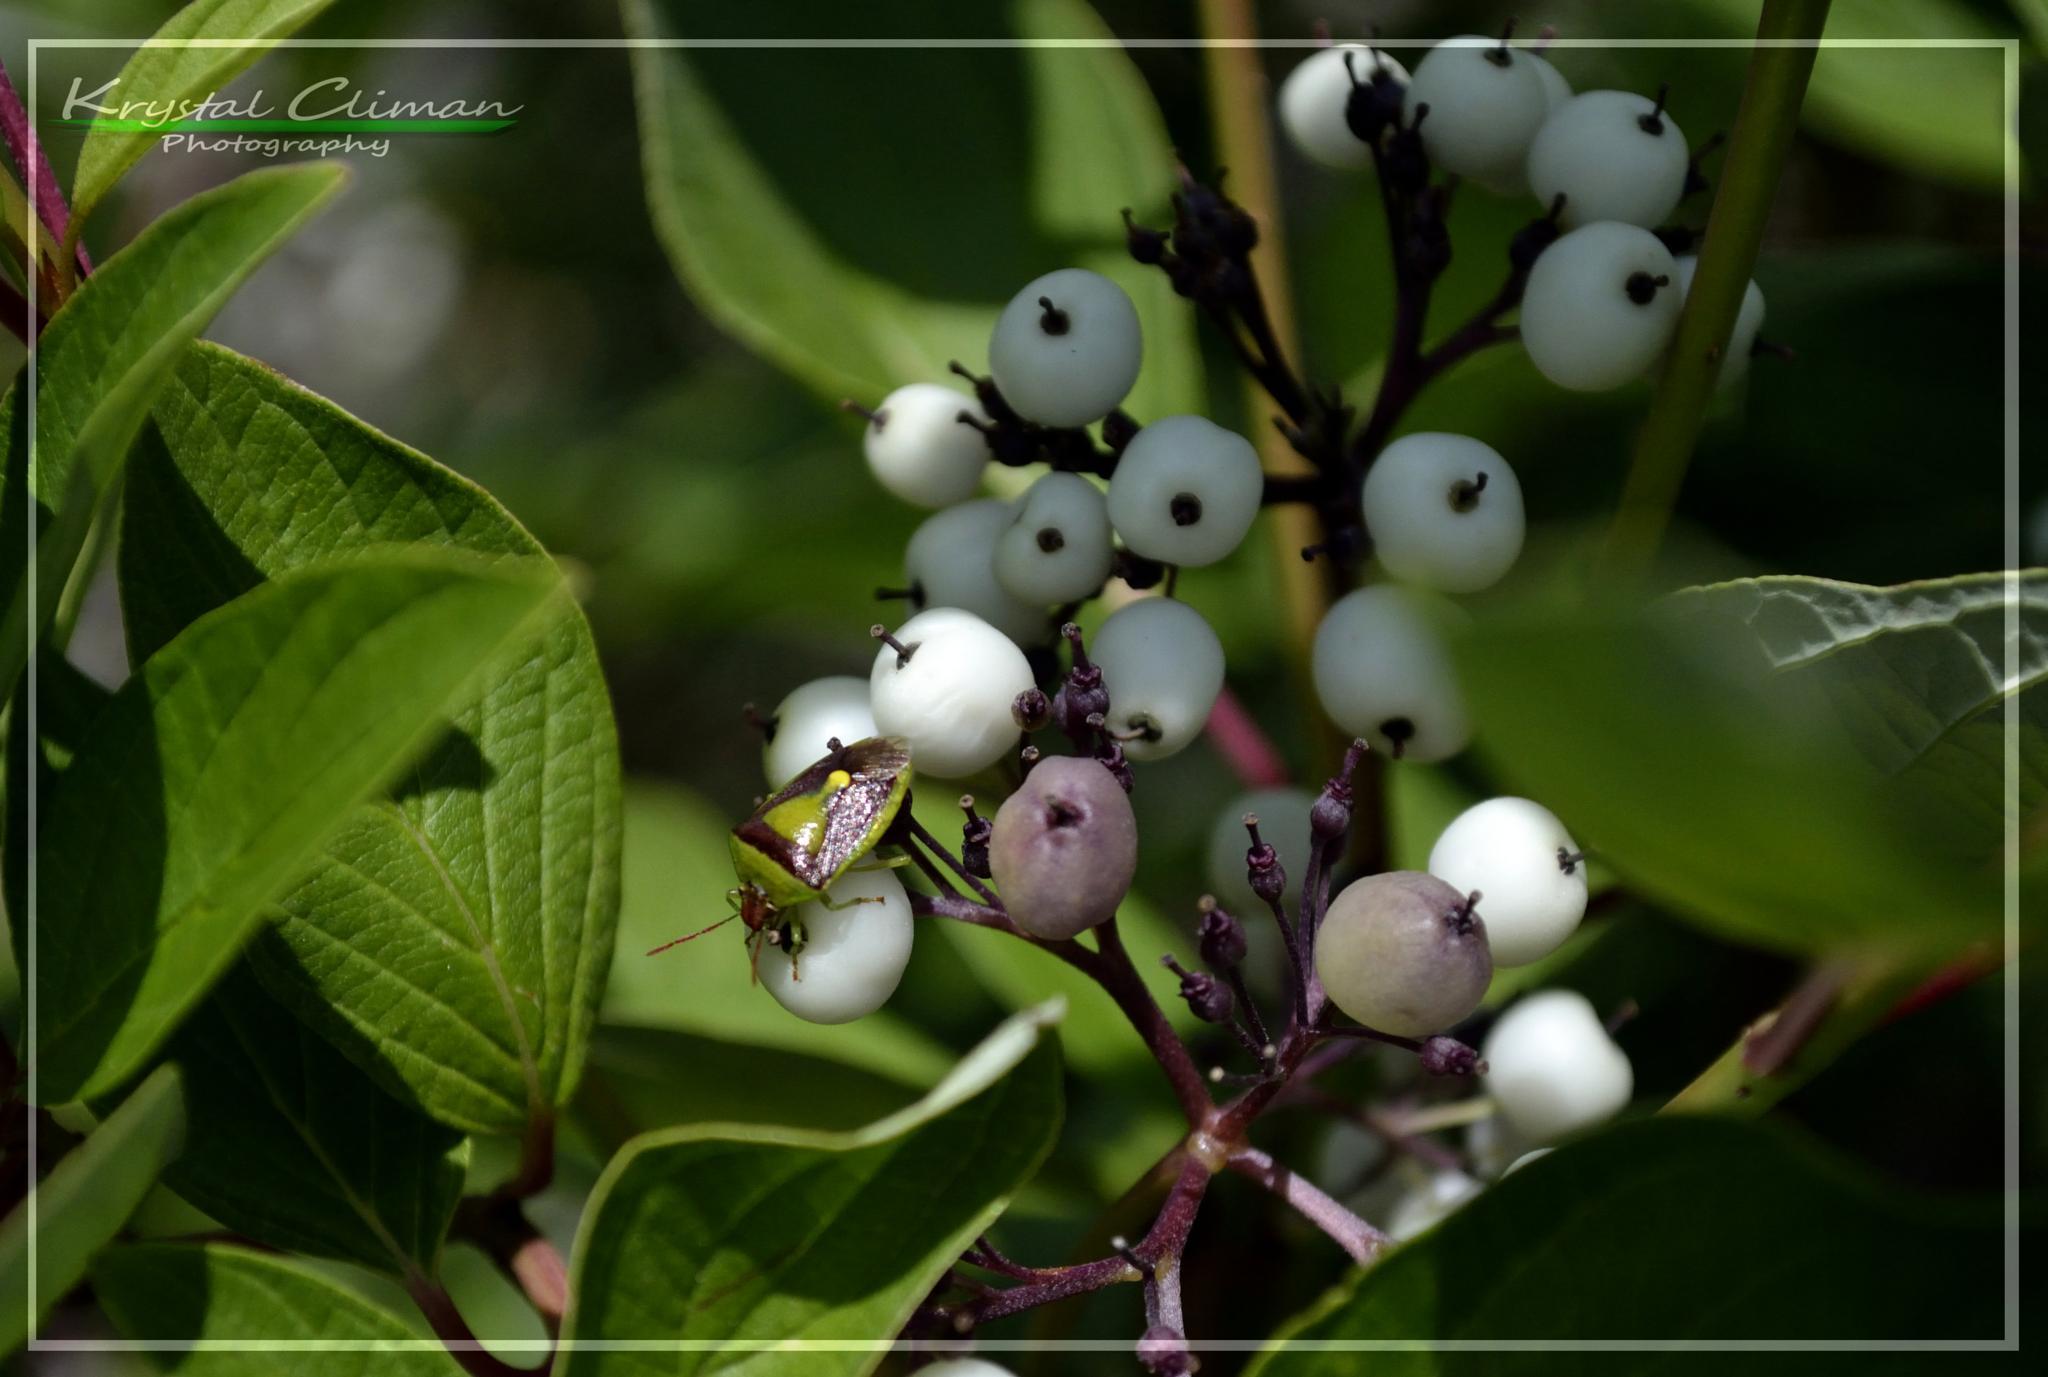 Bug & Berries by Krystal Climan